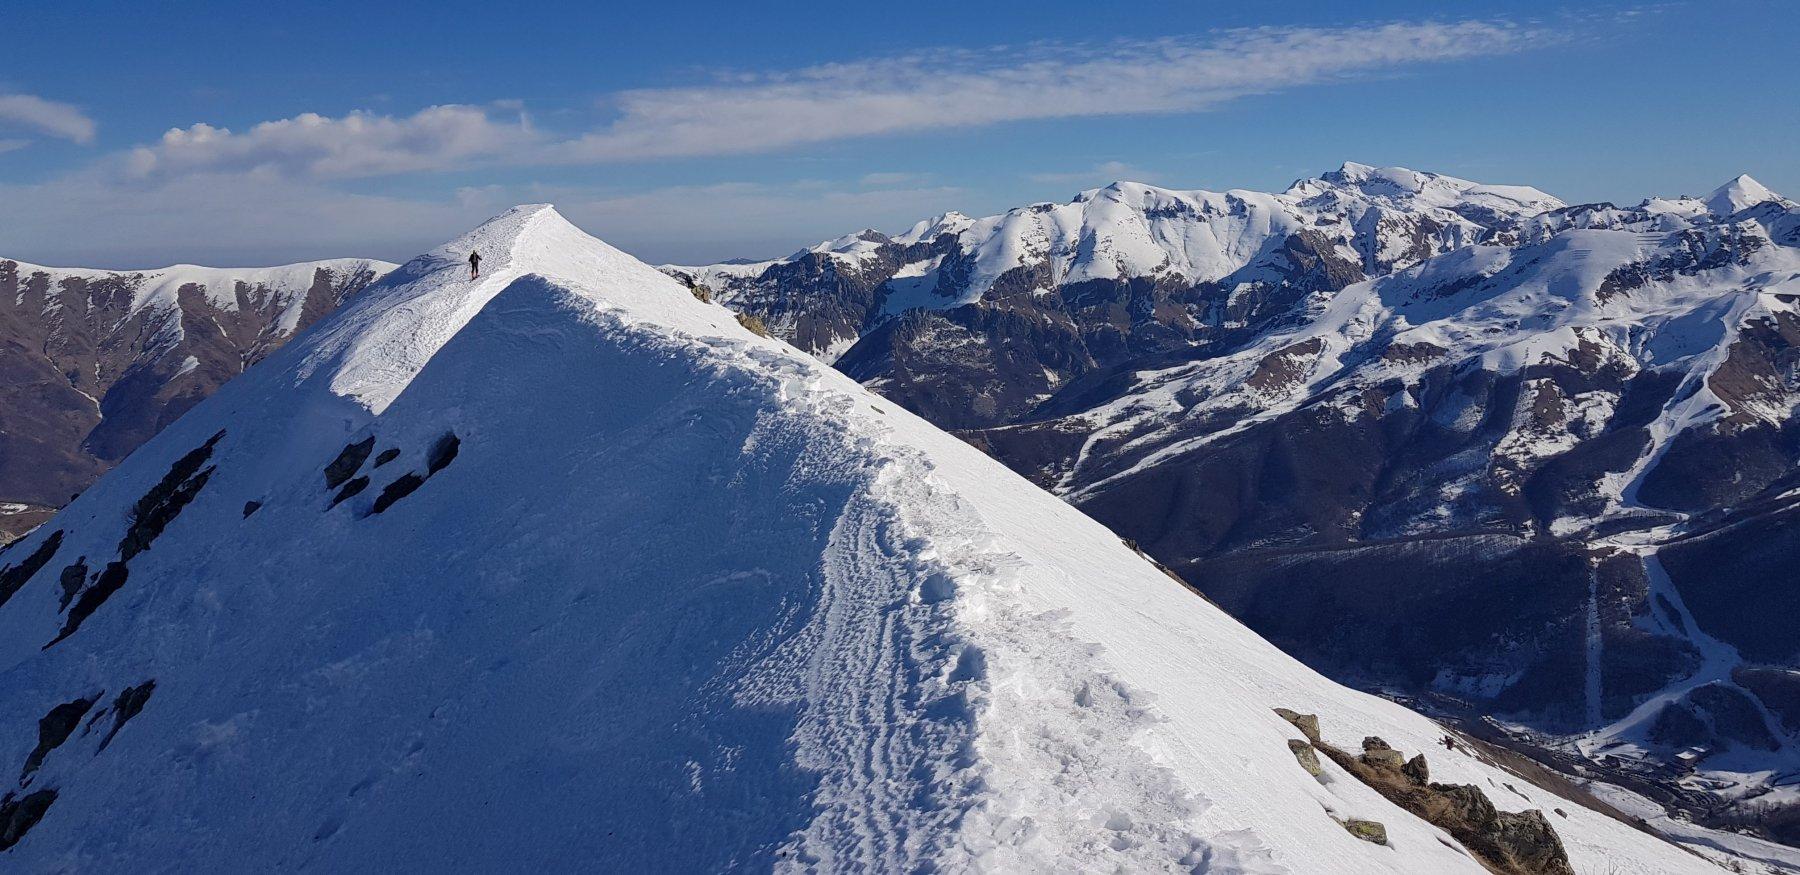 Ultimo tratto della cresta per arrivare in cima alla Creusa Orientale